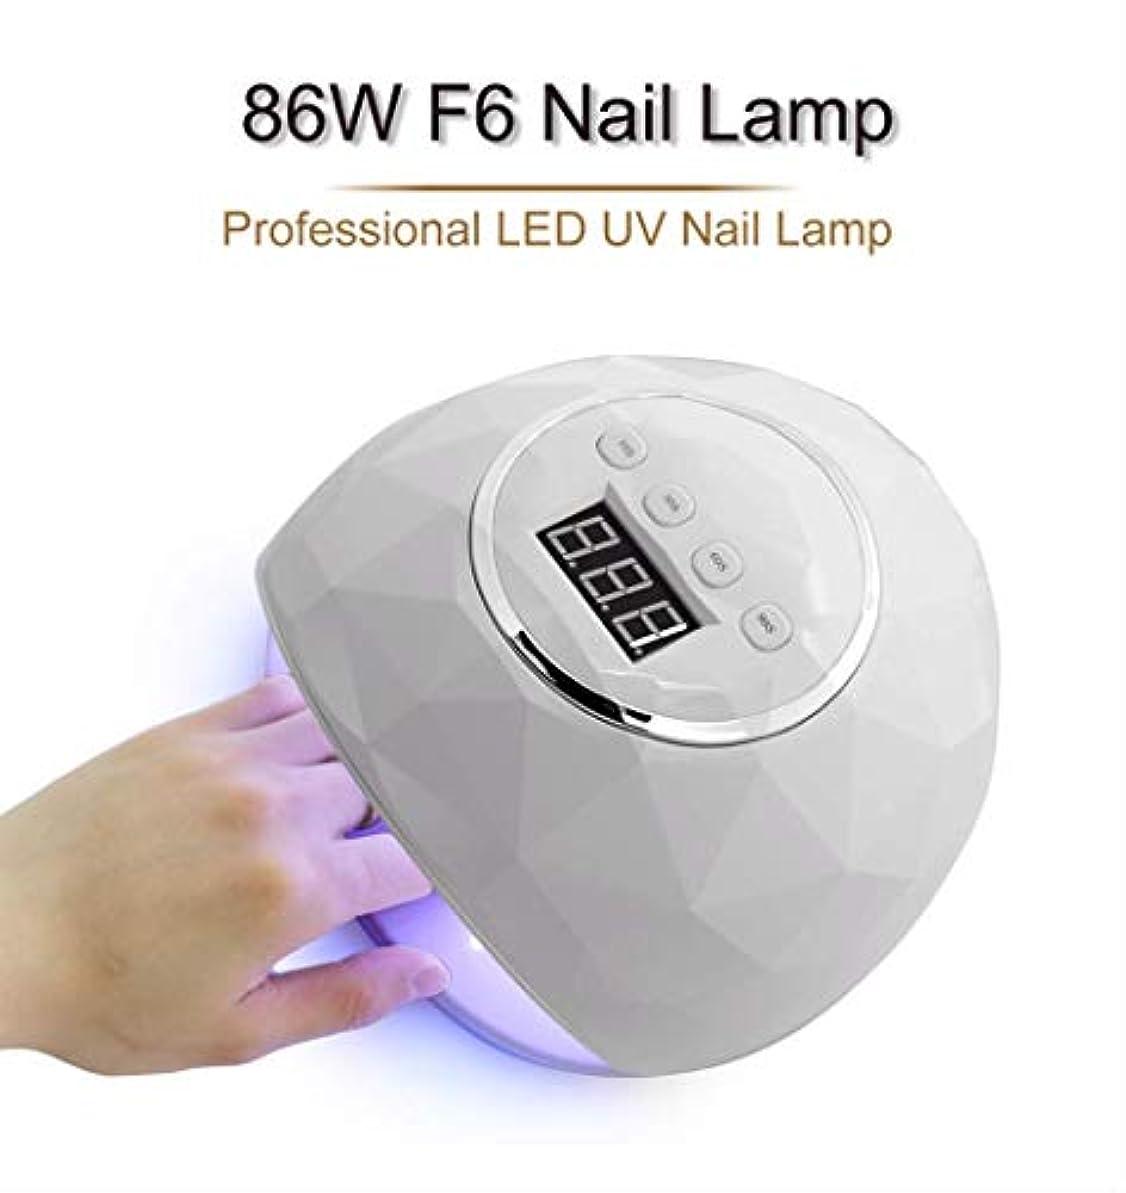 バタフライ有毒習字センサータイマーLCDディスプレイによる硬化UVジェルネイルポリッシュ用RRSHUN 86ワット紫外線吸収LEDランプネイルドライヤー39のLeddualハンズネイルランプ